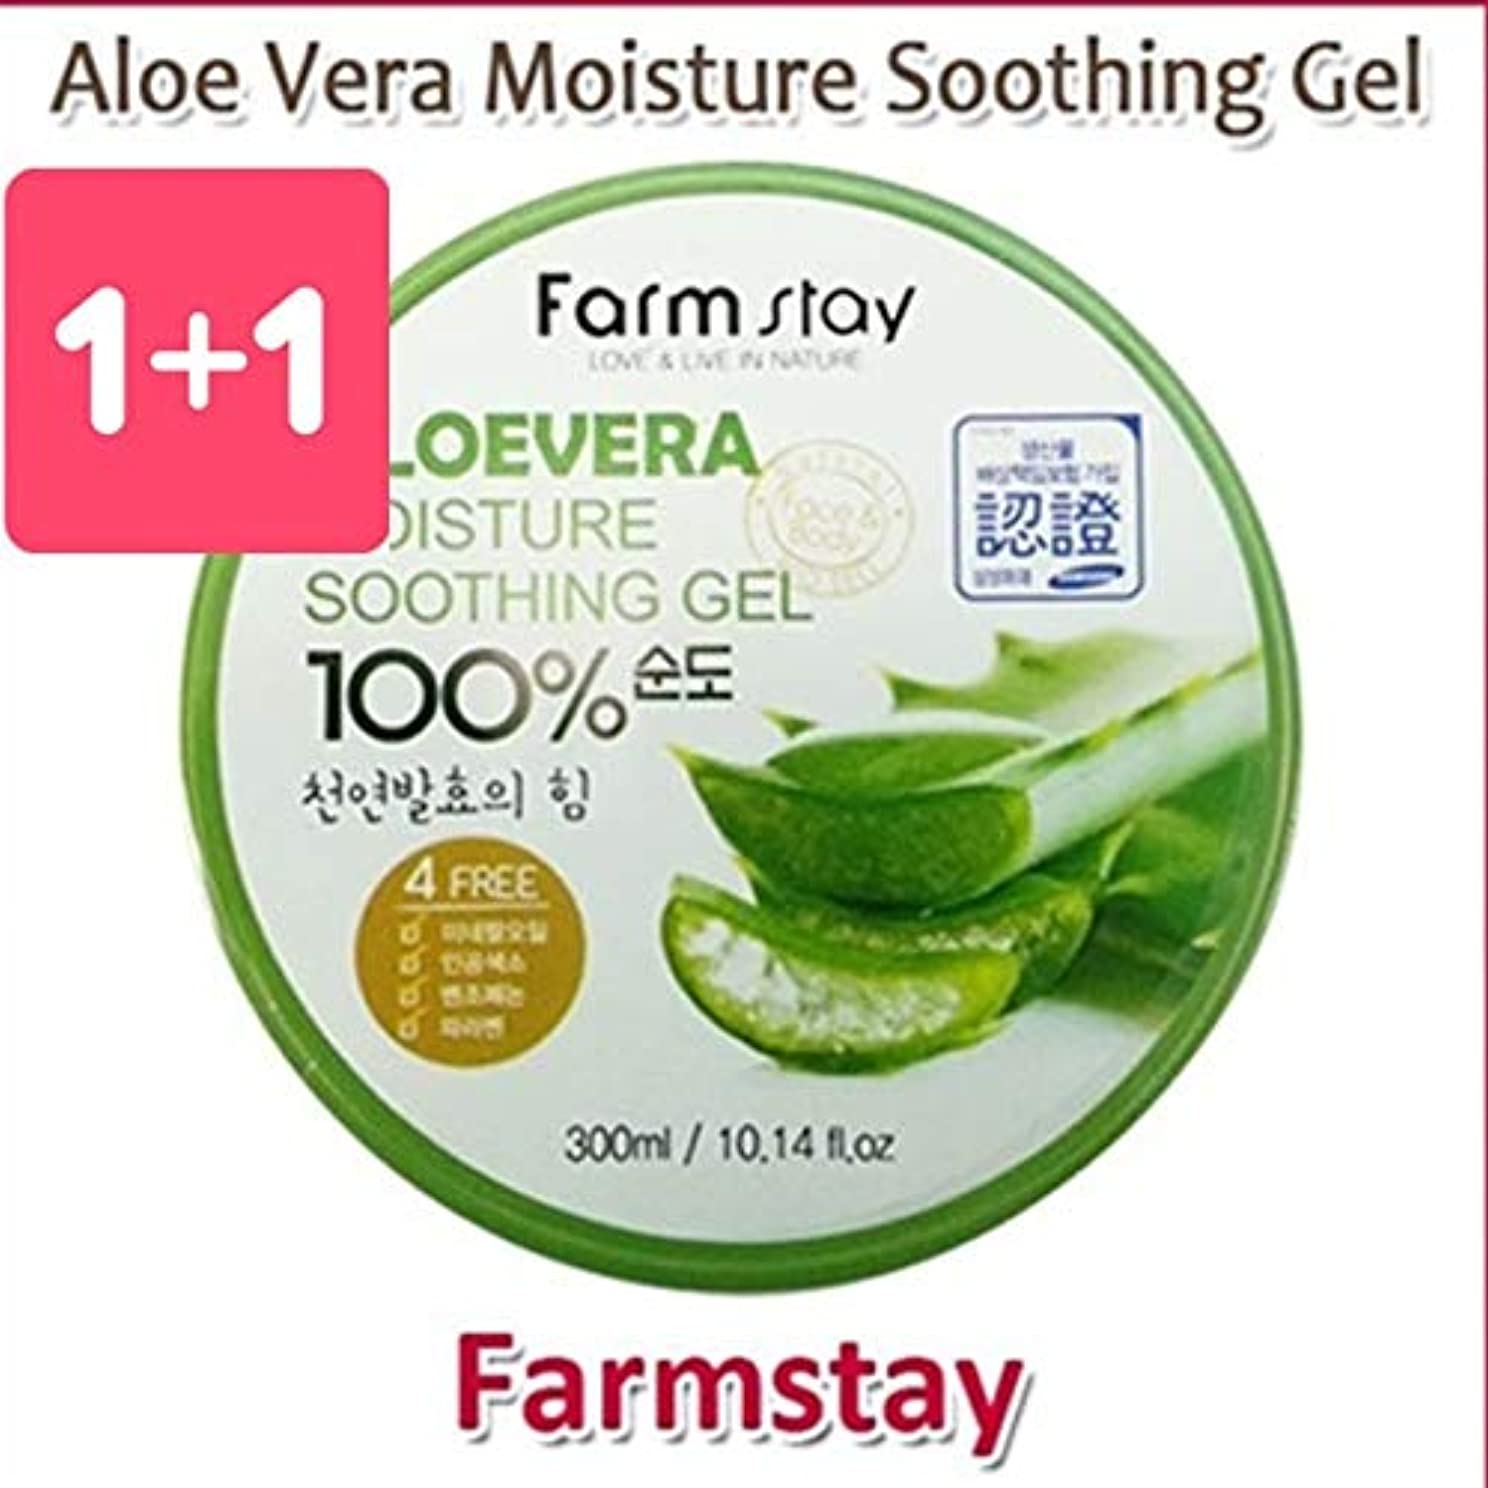 葬儀上院肉のFarm Stay Aloe Vera Moisture Soothing Gel 300ml 1+1 Big Sale/オーガニック アロエベラゲル 100%/保湿ケア/韓国コスメ/Aloe Vera 100% /Moisturizing...